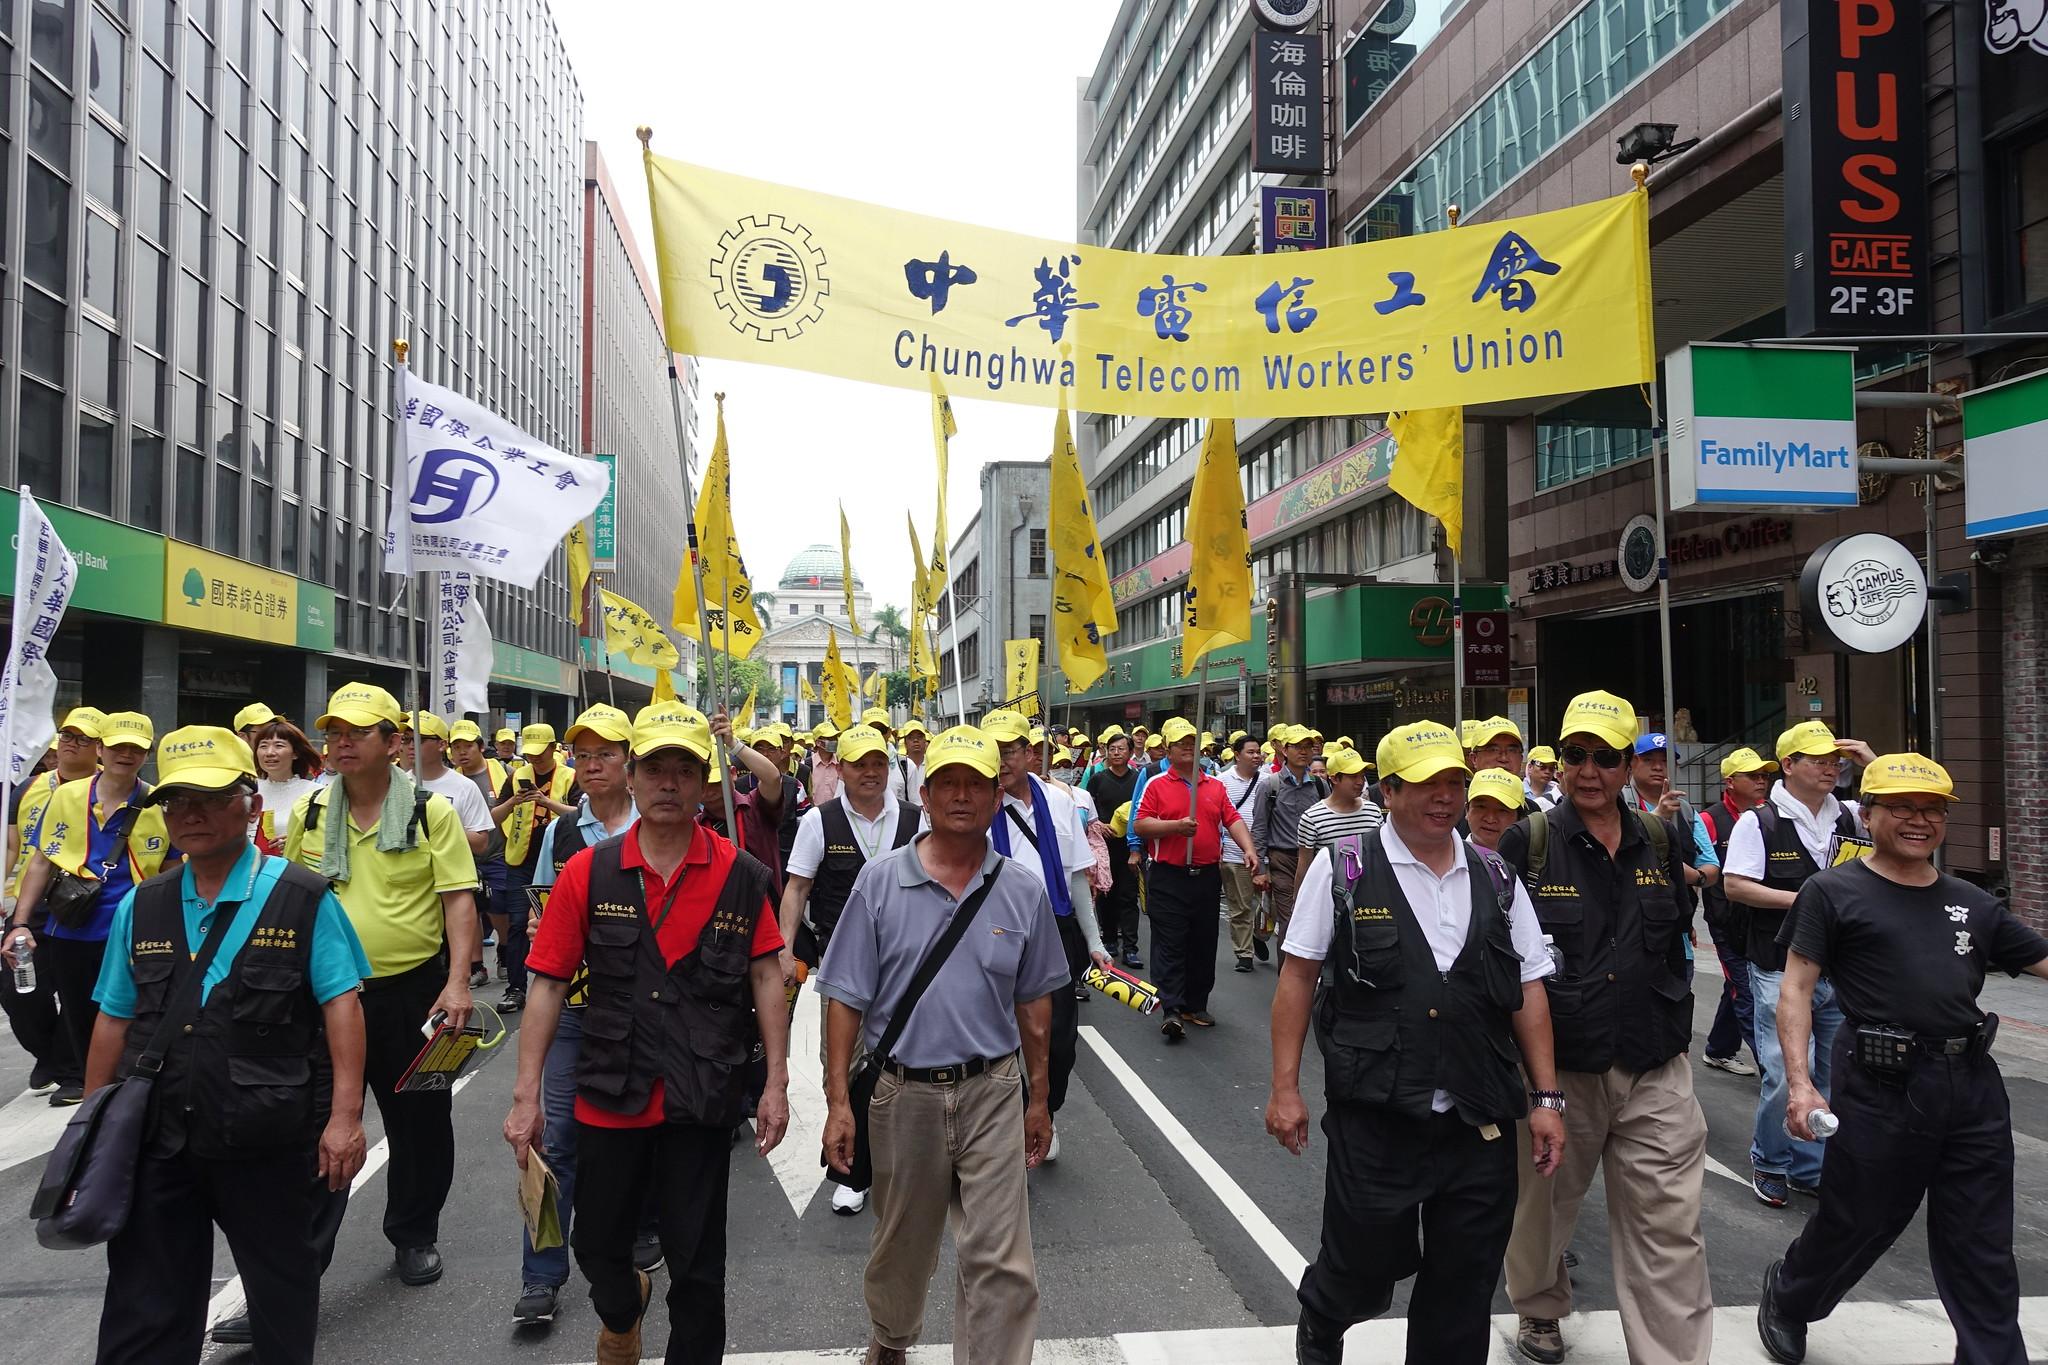 中華電信工會的隊伍。(攝影:張智琦)